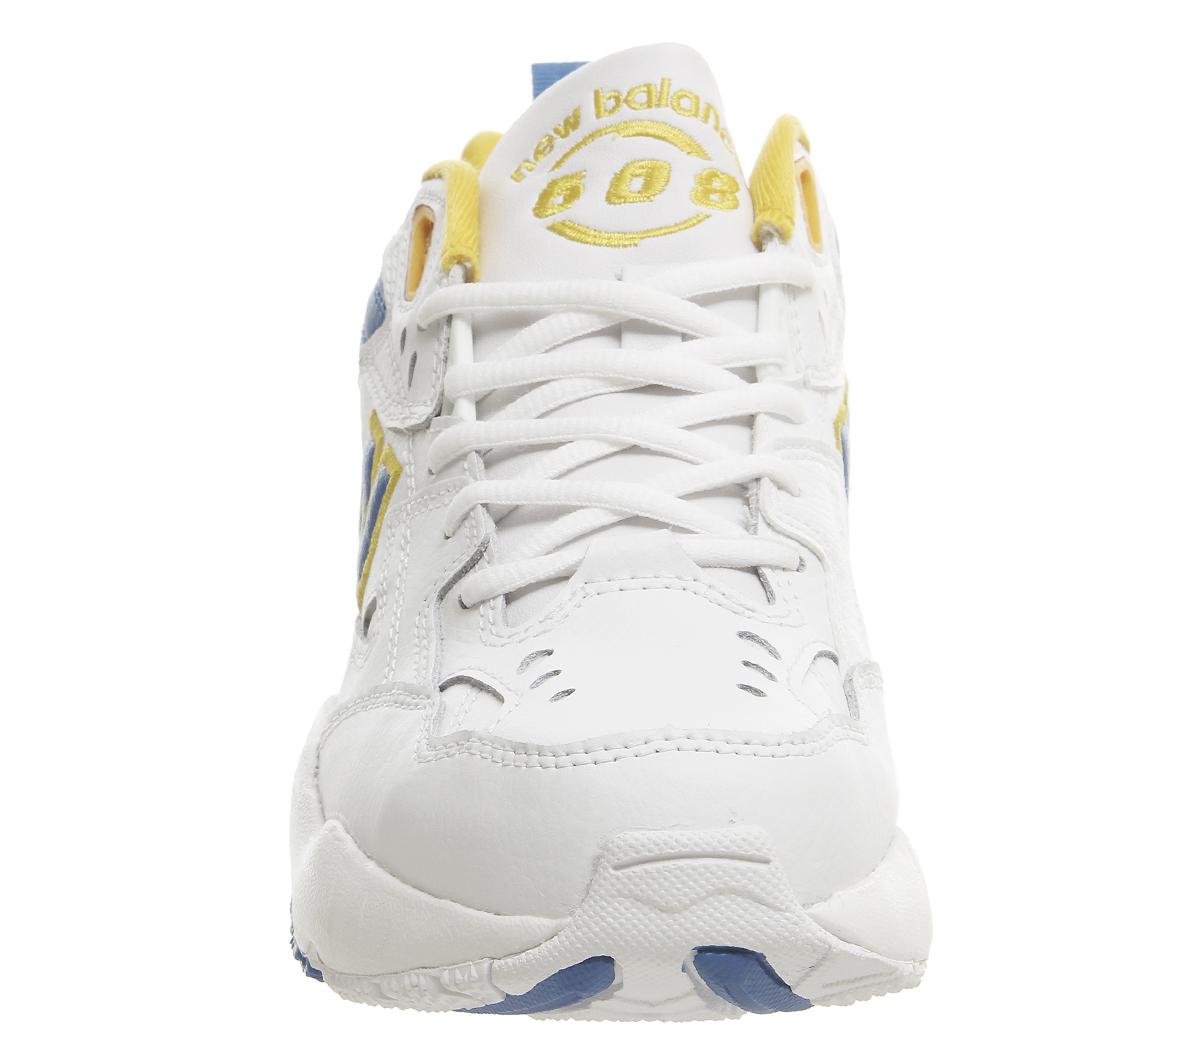 new balance 608 jaune